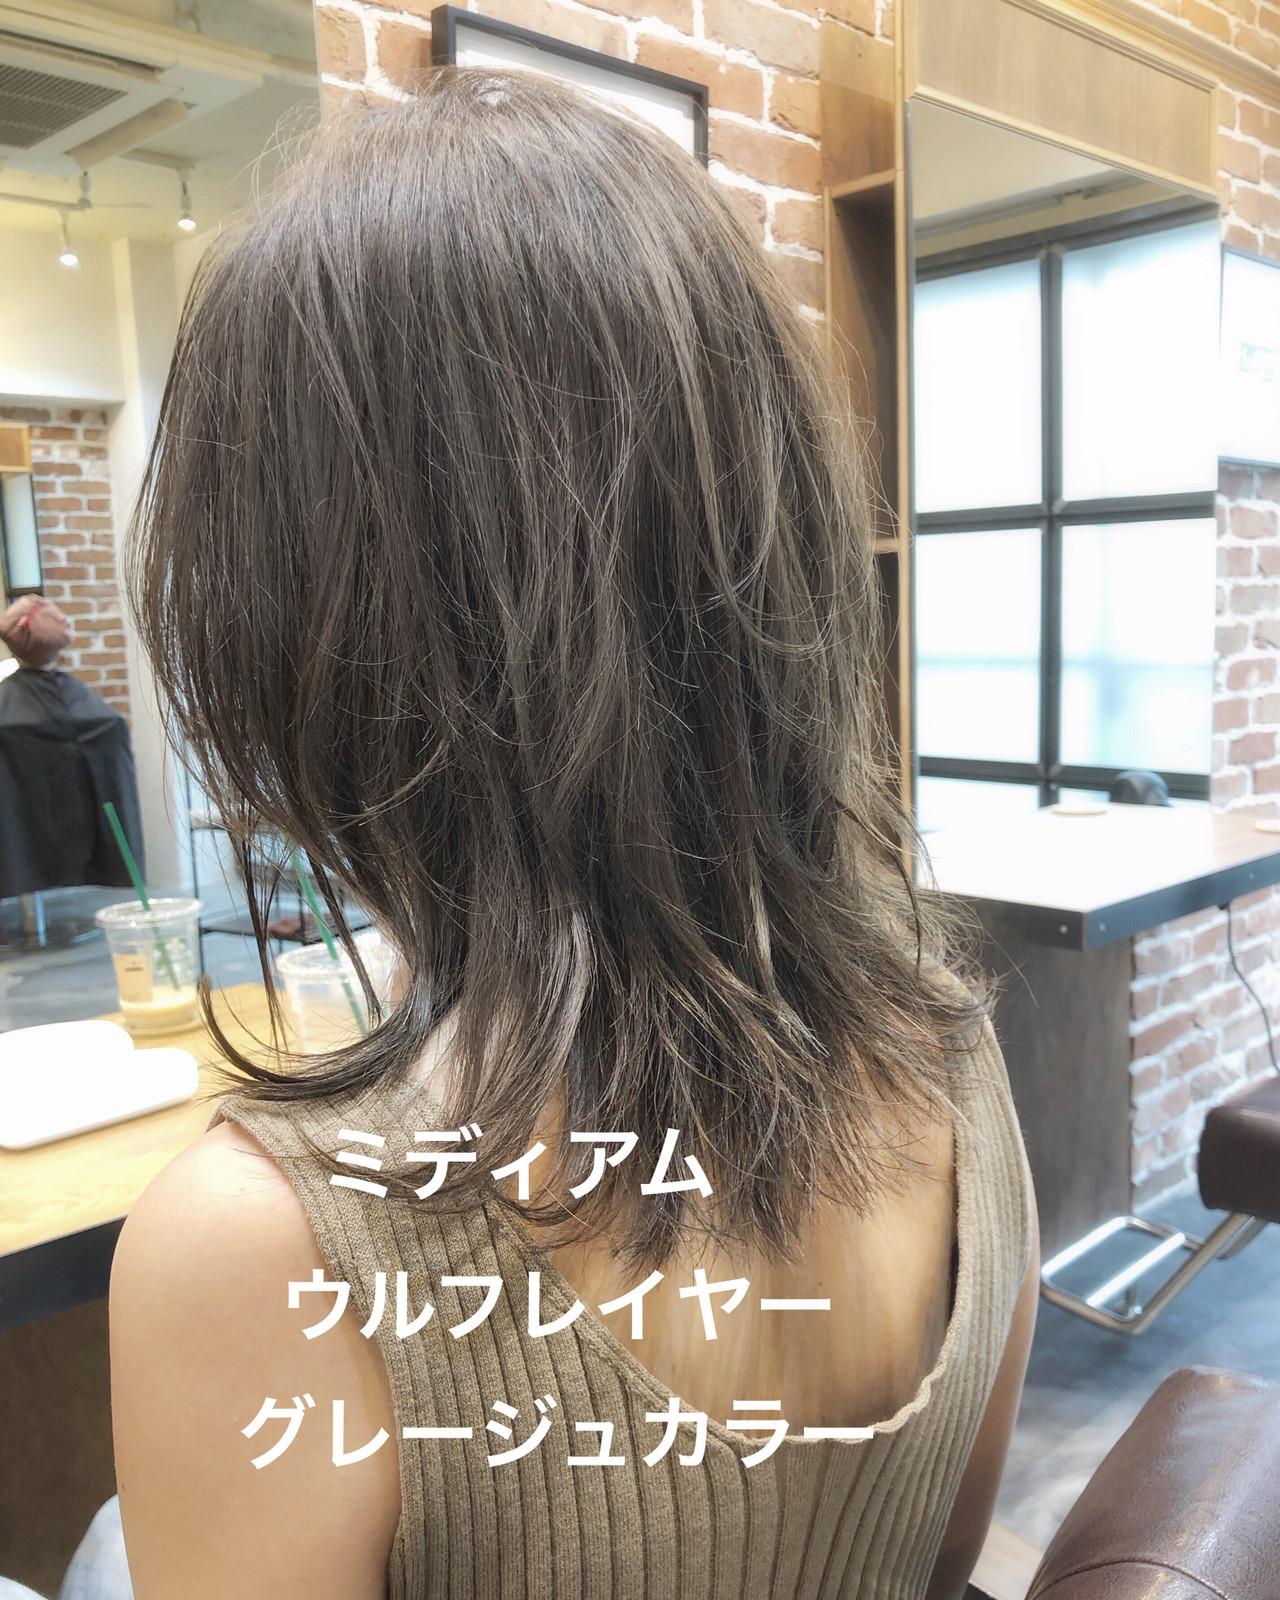 アッシュグレージュ ミディアム モード アッシュベージュ ヘアスタイルや髪型の写真・画像